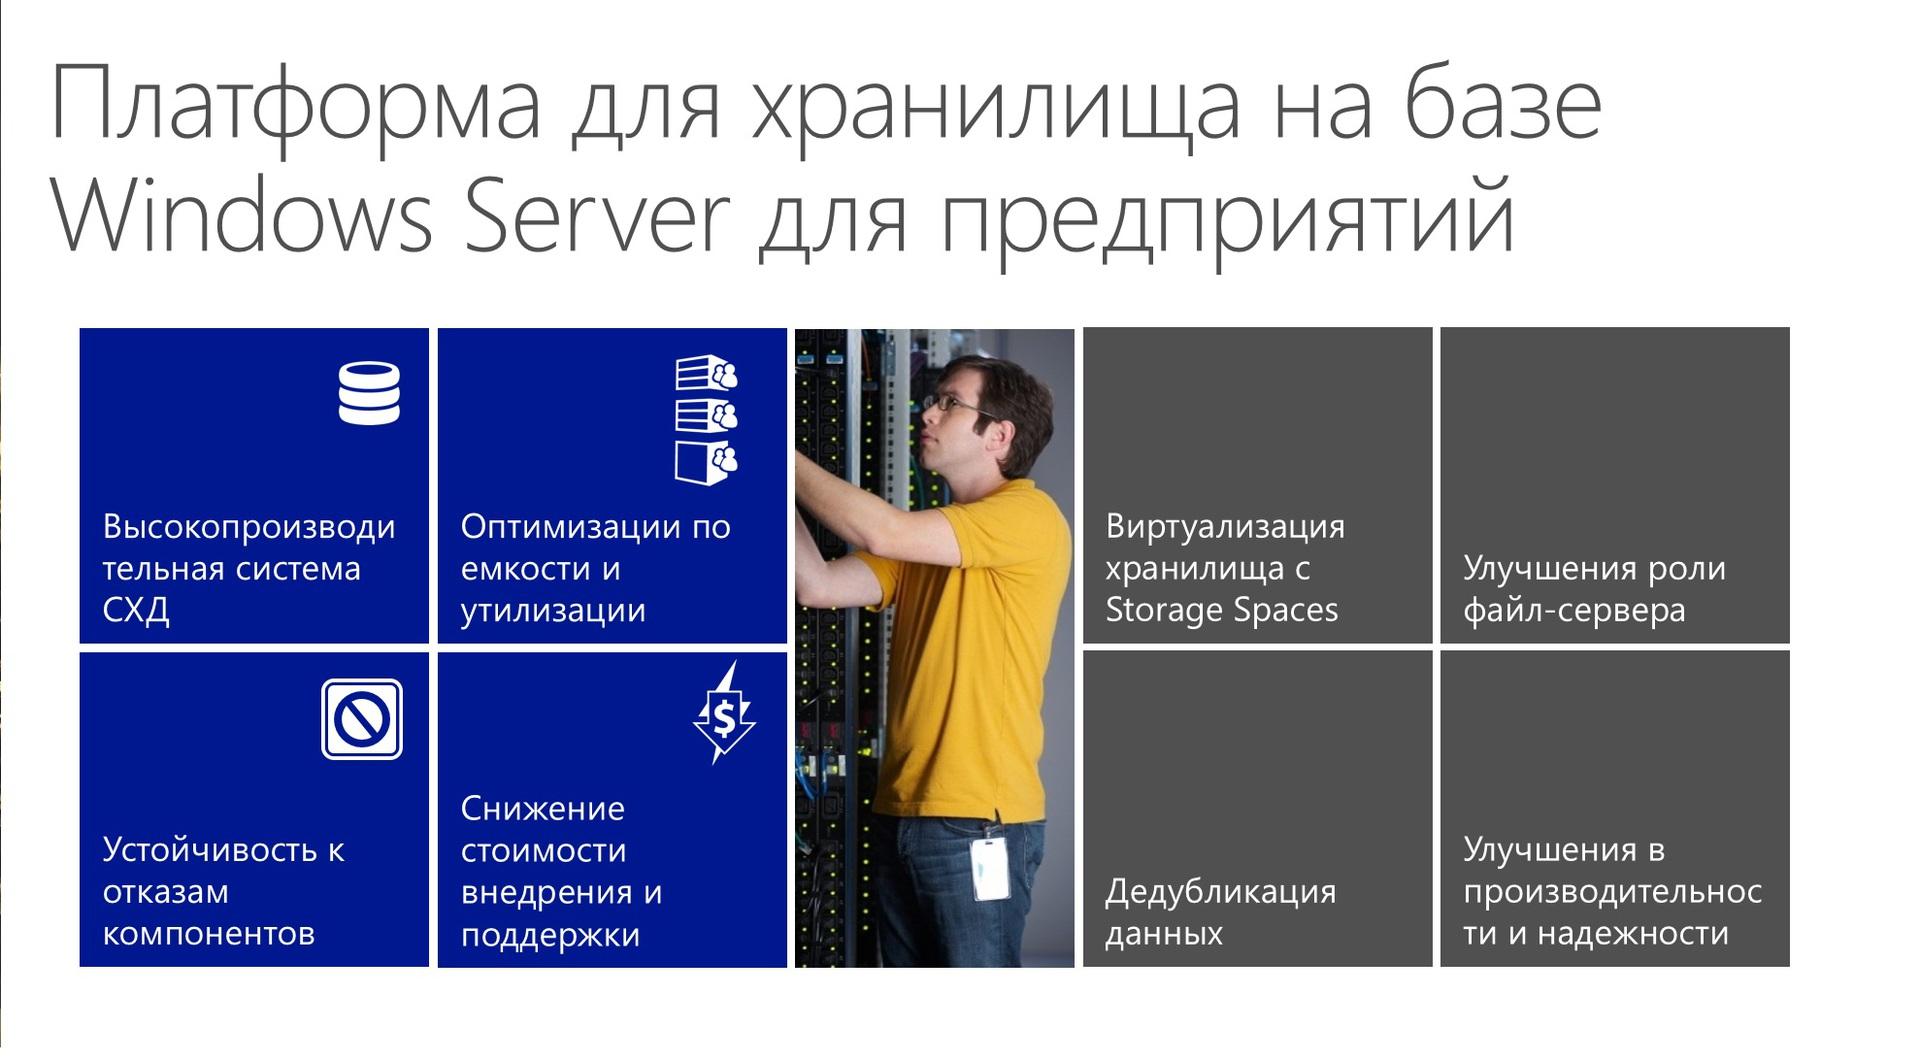 Хранилища и высокая доступность в Windows Server 2012 R2